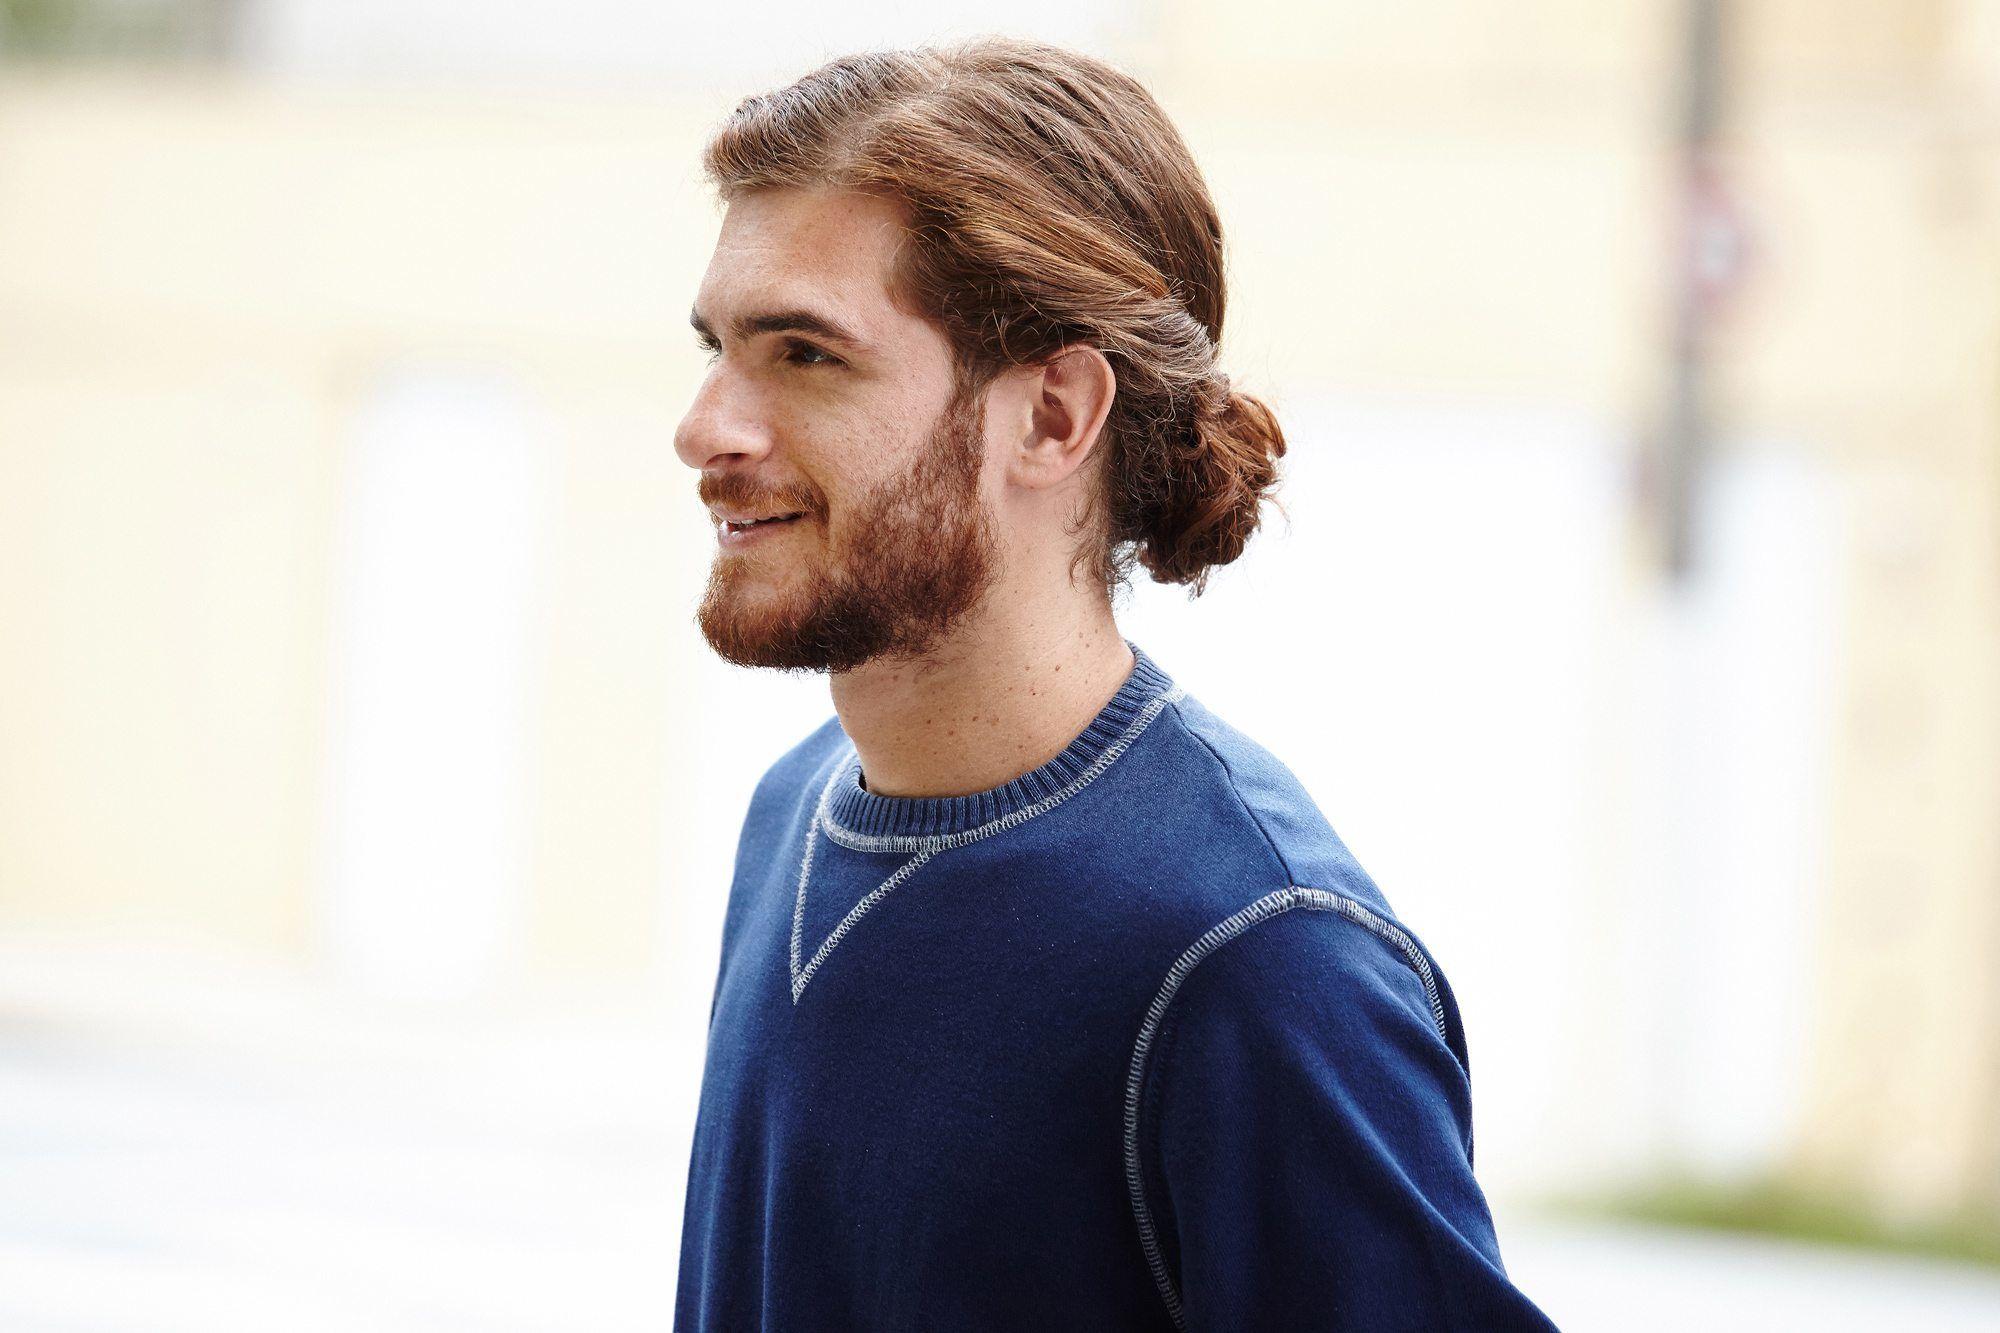 Long Haired Men Tumblr Best Long Hair 2018